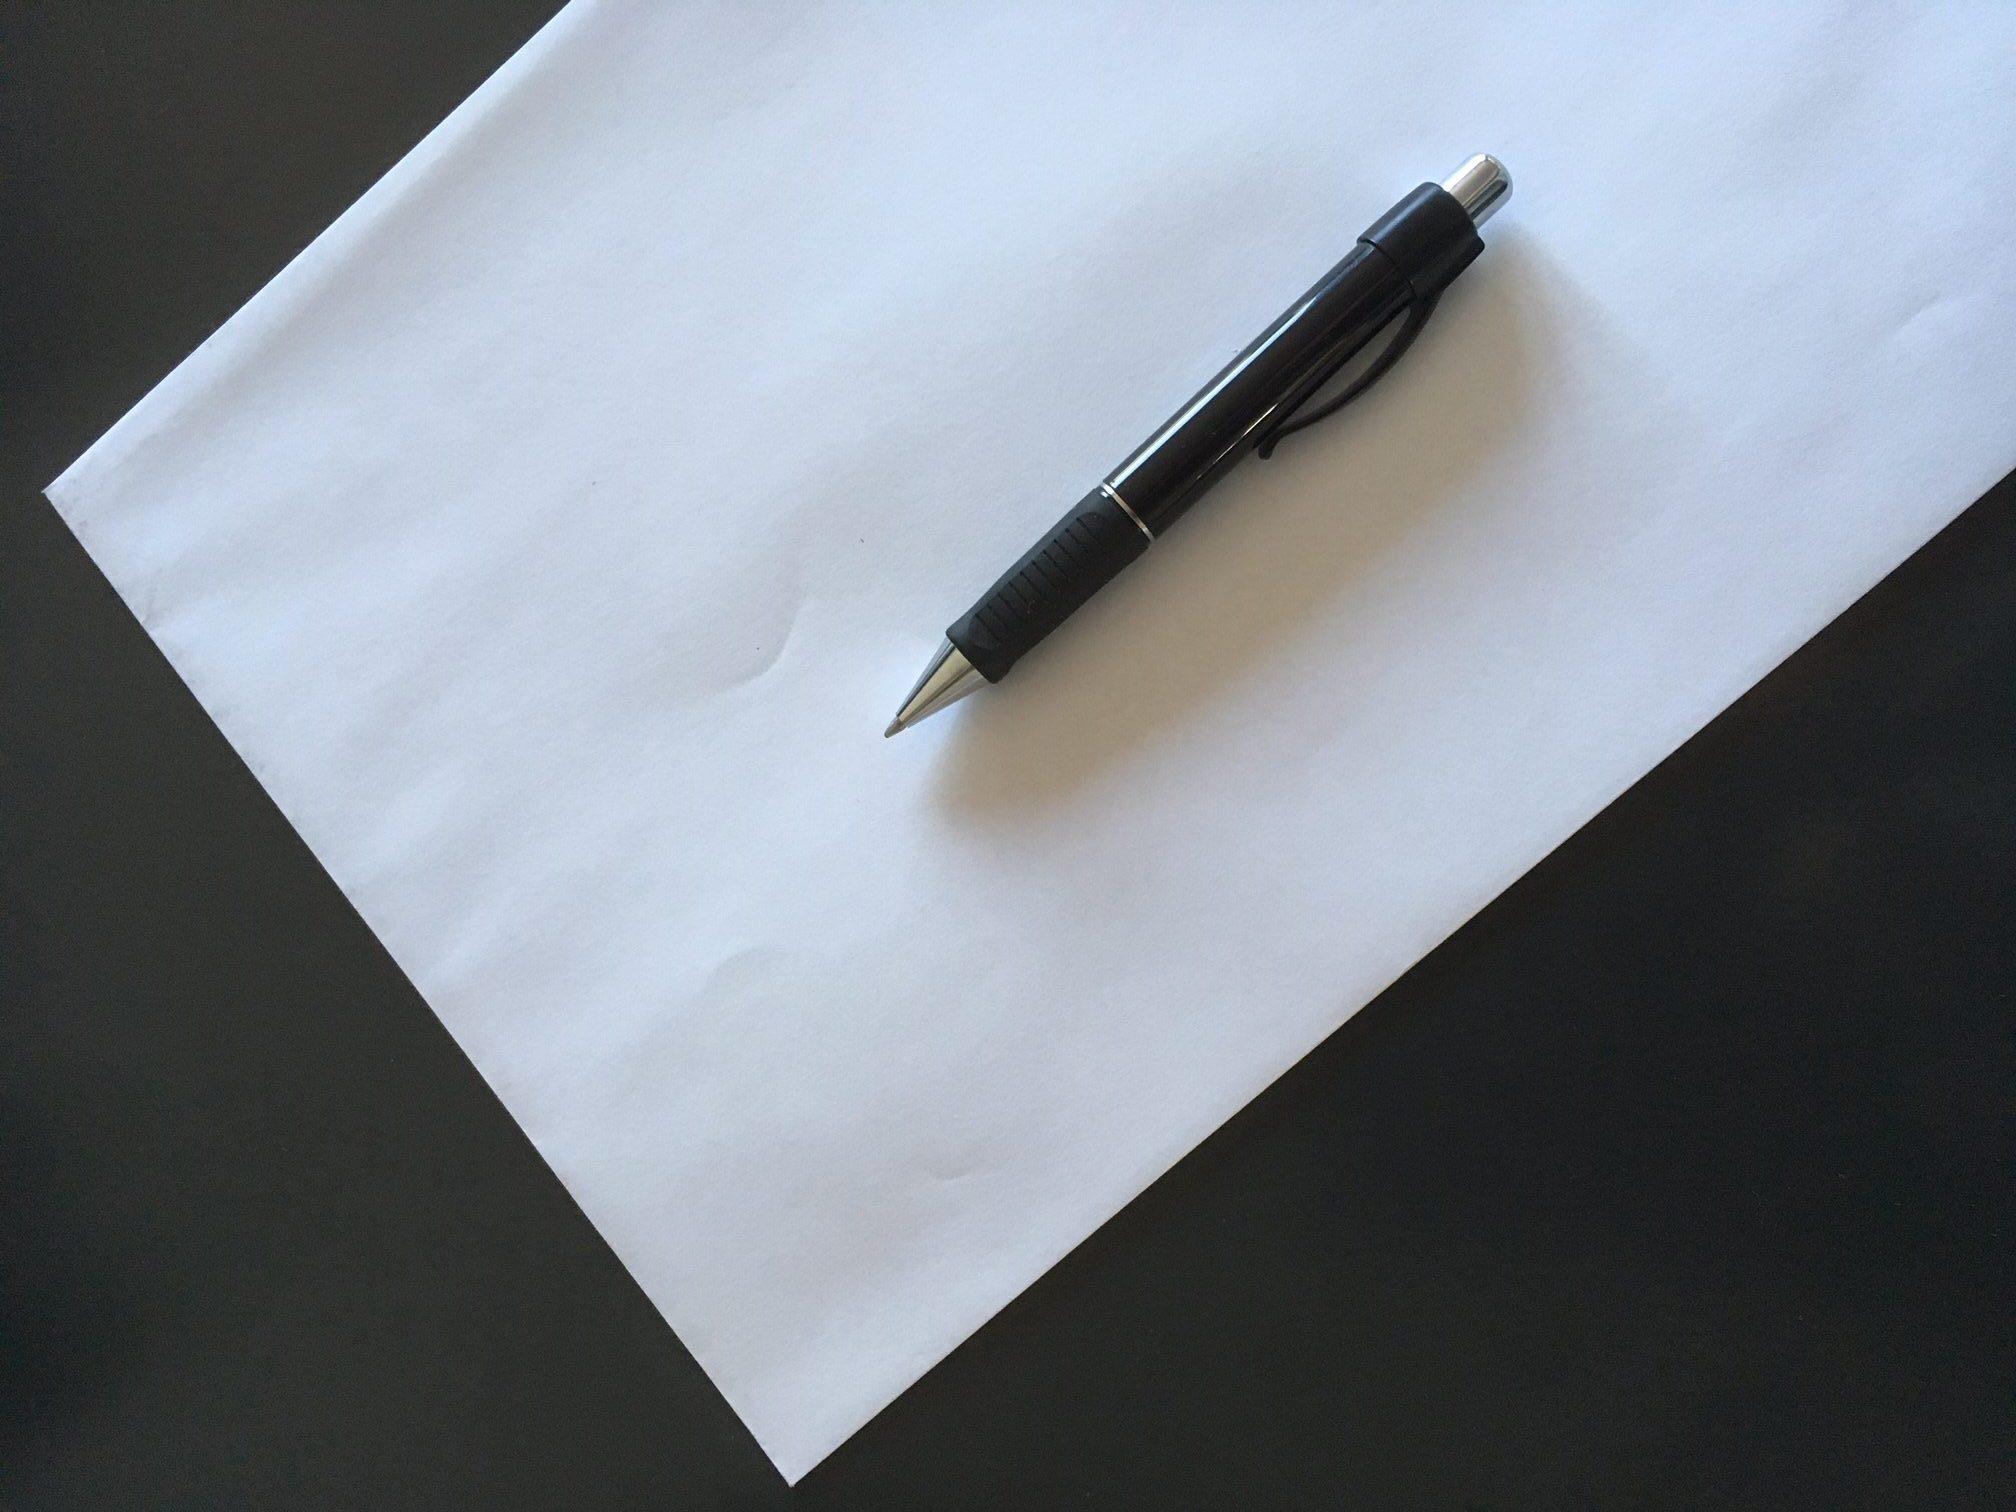 Keine Angst for dem leeren Blatt Papier. Best-Practice-Anleitung zum Schreiben des Förderantrags findest Du in diesem Webinar.